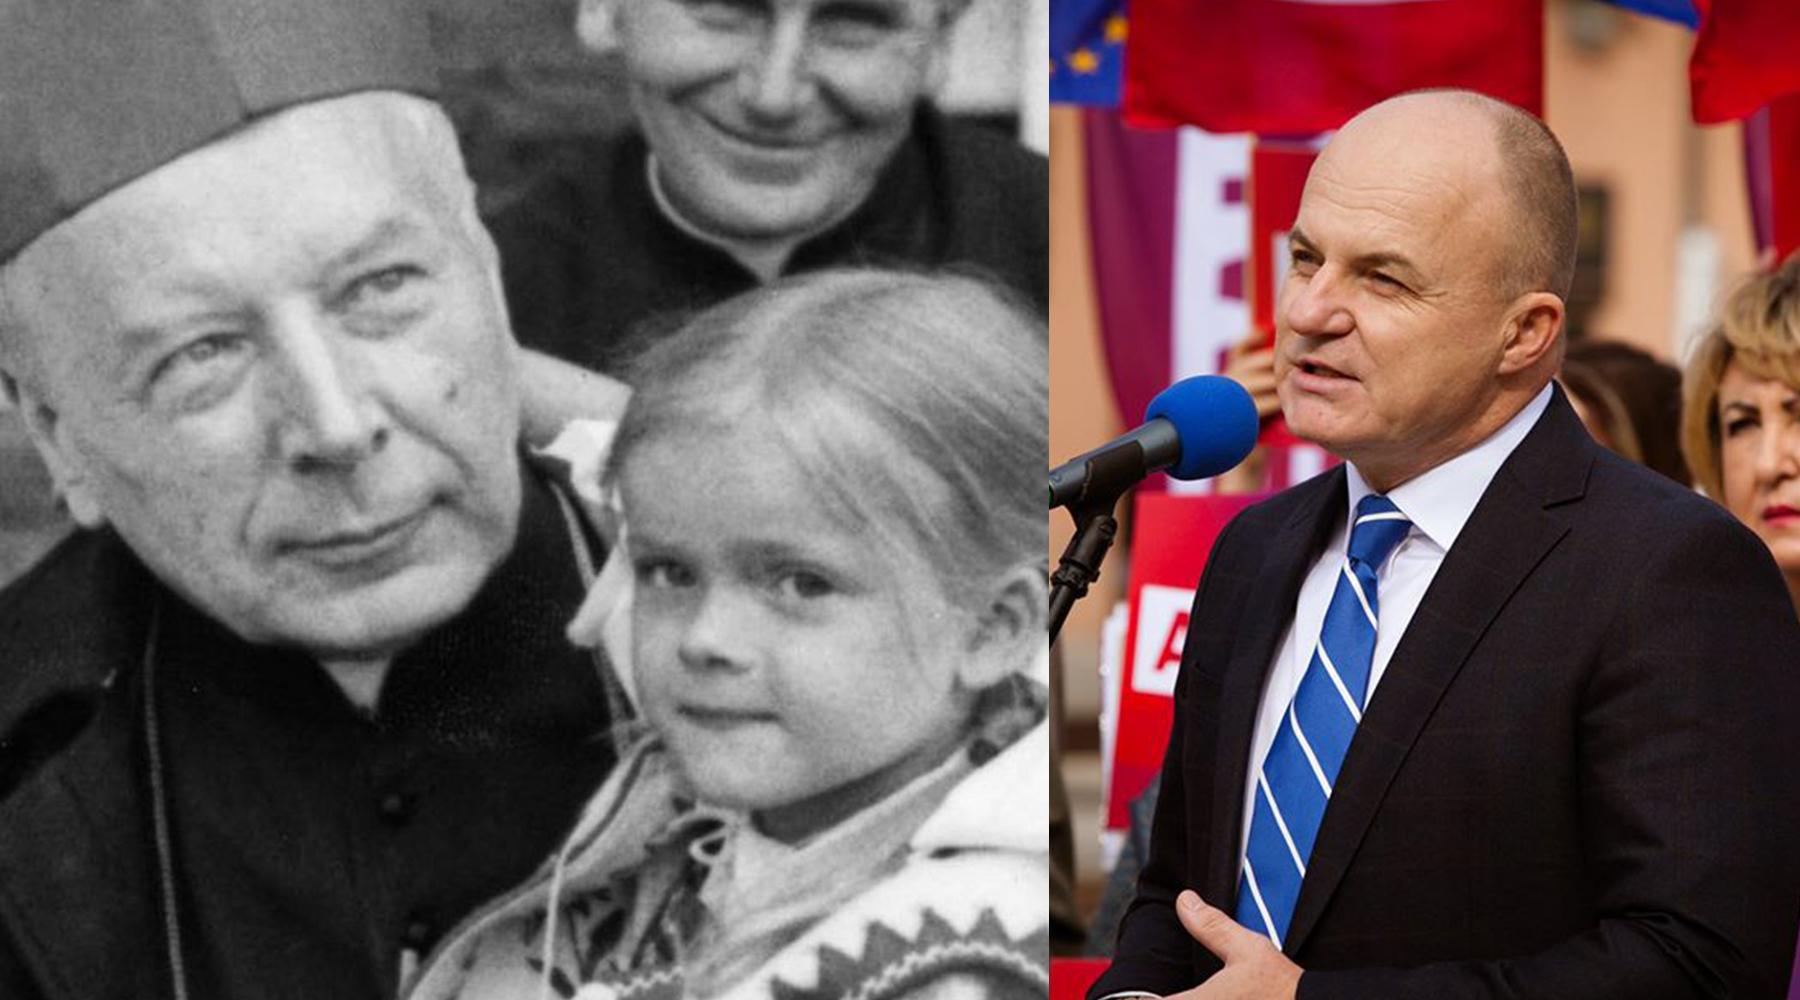 PiS iPOustanowiły 2021 rok, rokiem Wyszyńskiego. Lewica: tozły moment